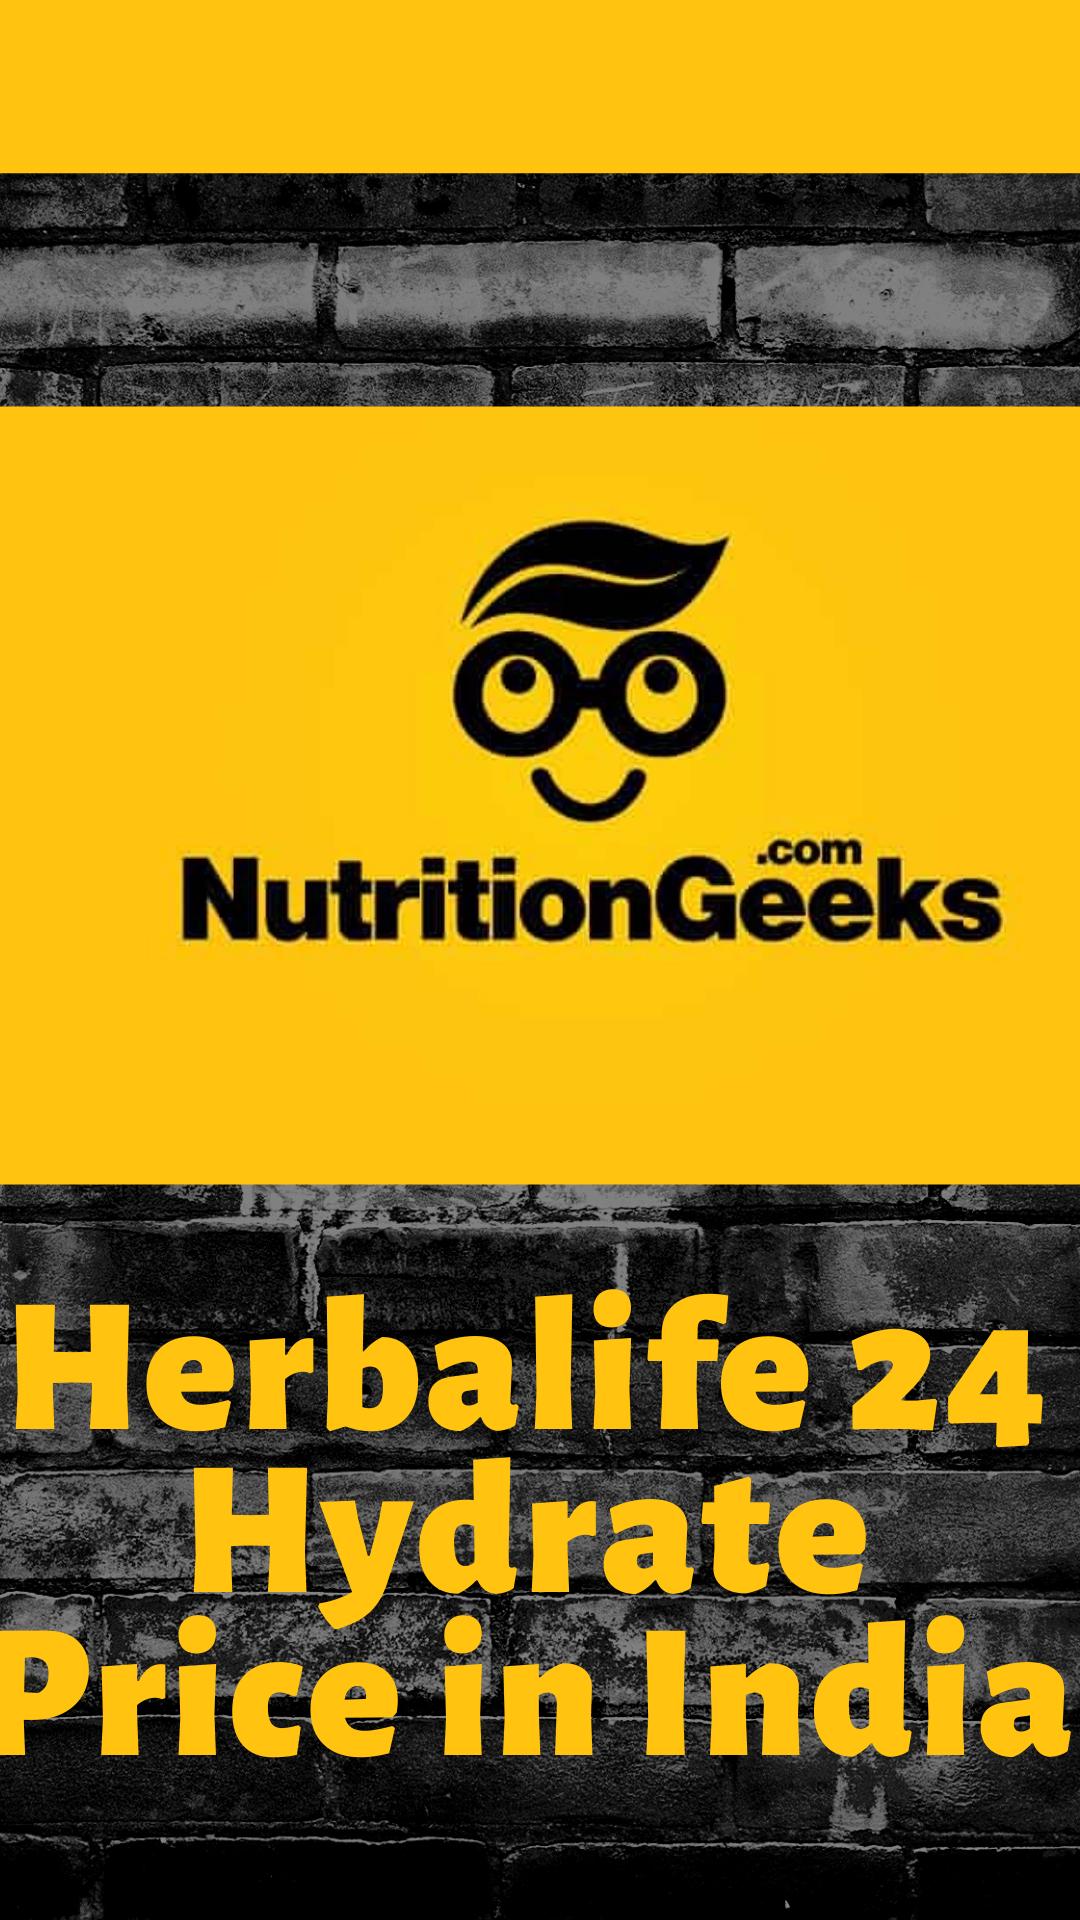 Herbalife 24 Hydrate Price In India In 2020 Herbalife Herbalife Business Herbalife 24